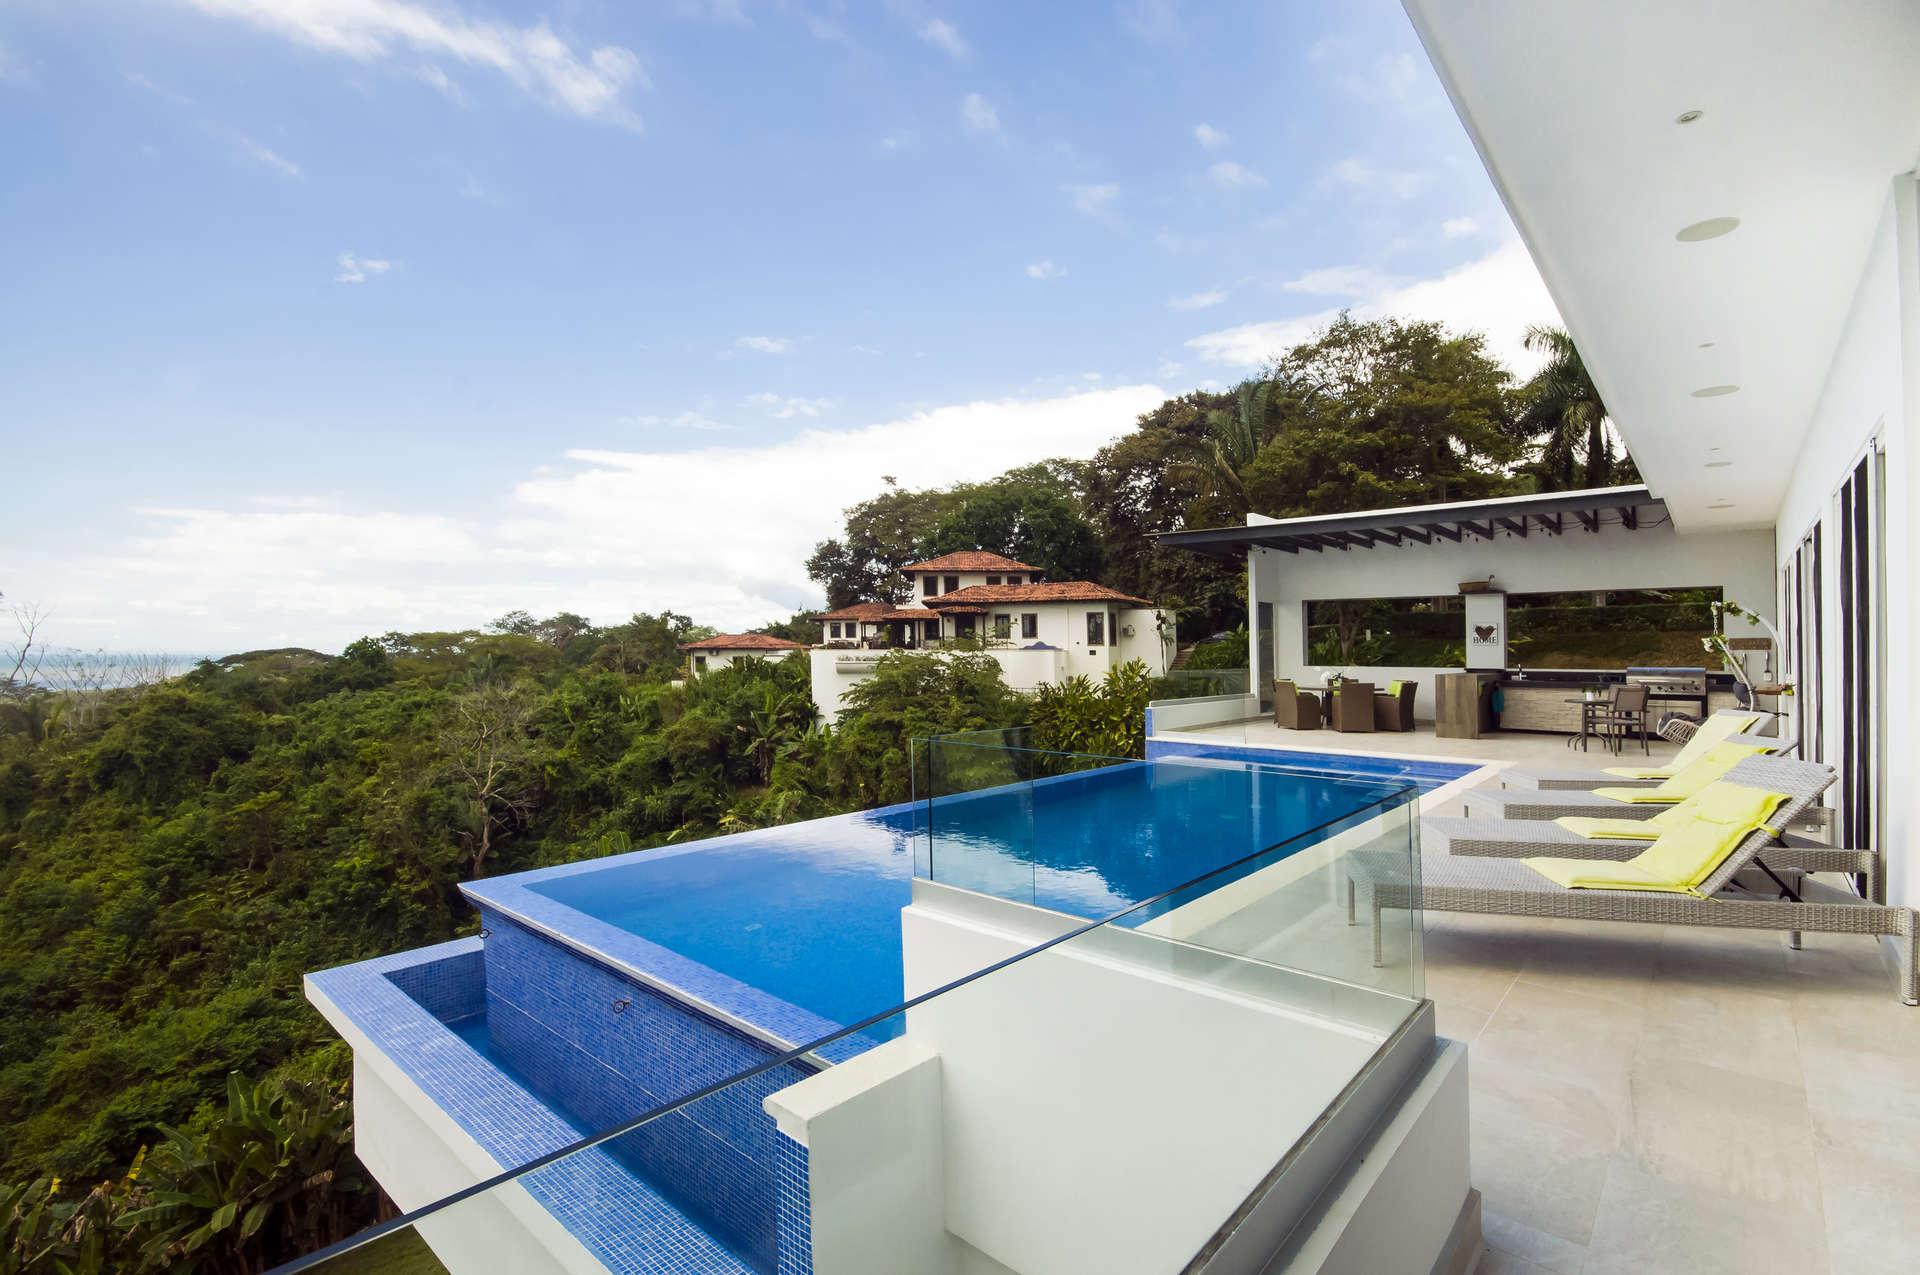 Central america villa rentals - Costa rica - Puntarenas - Tarcoles - Villa Royale - Image 1/64